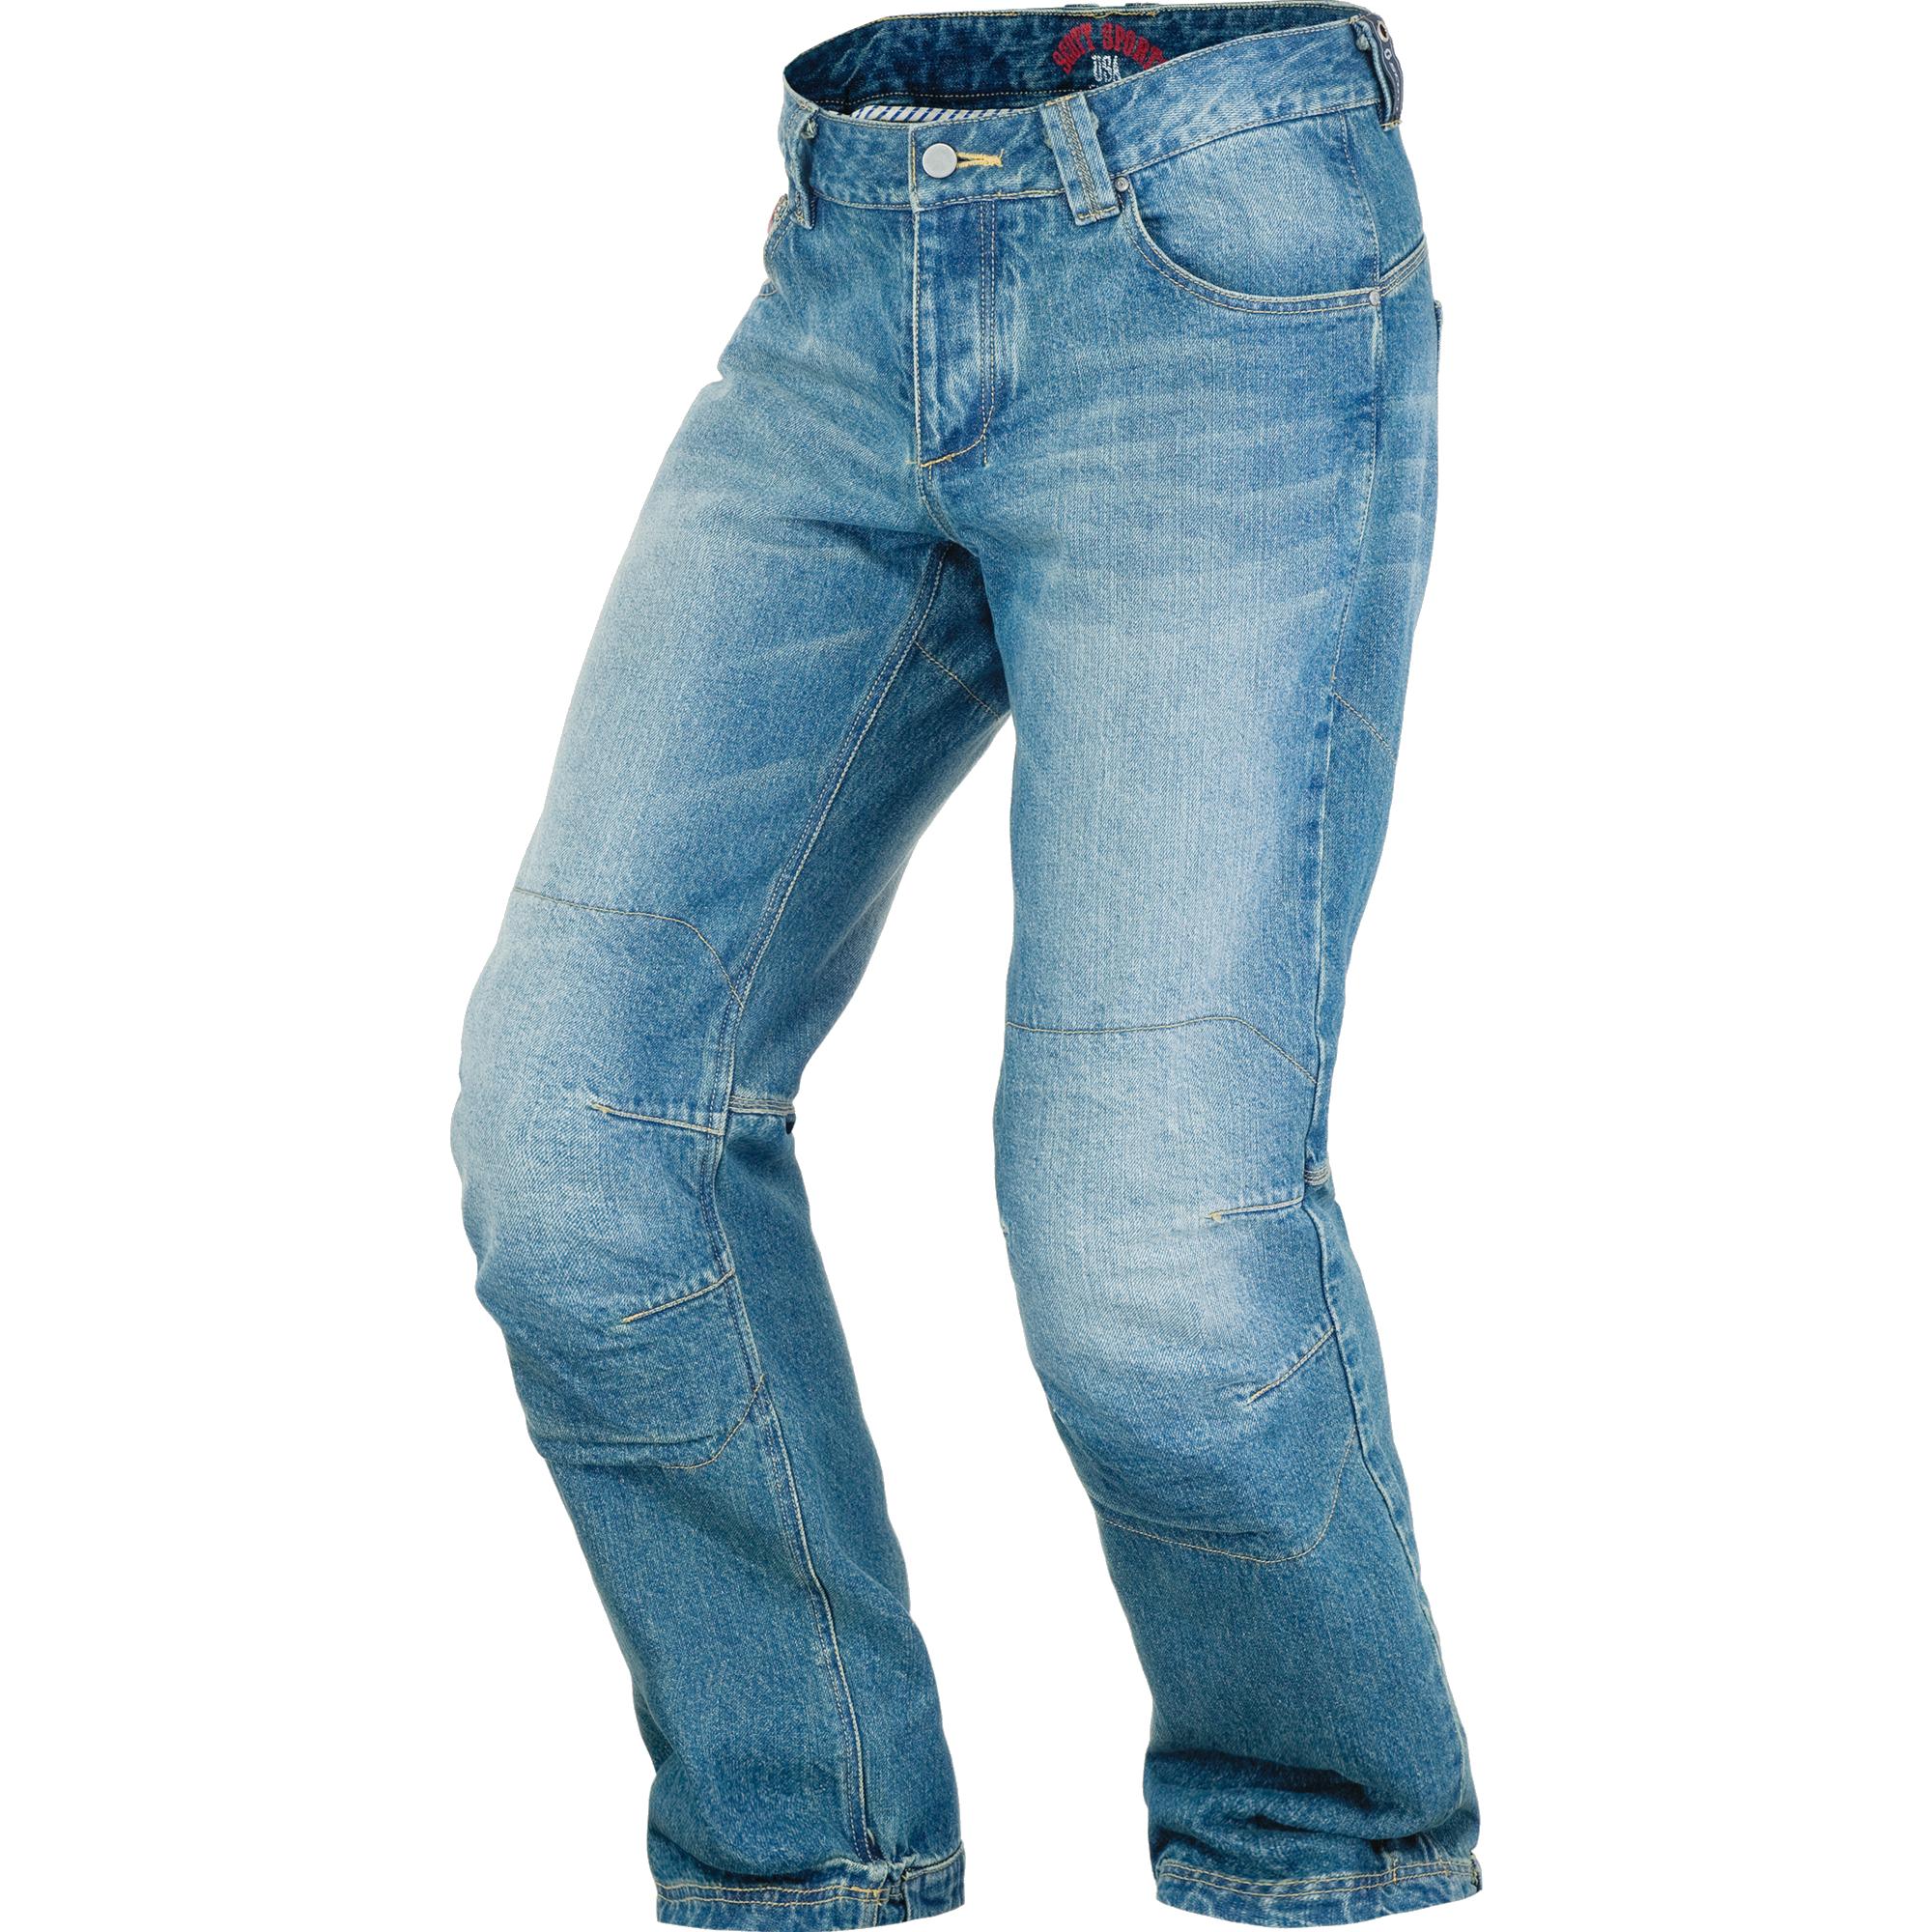 Jeans PNG Transparent Images.